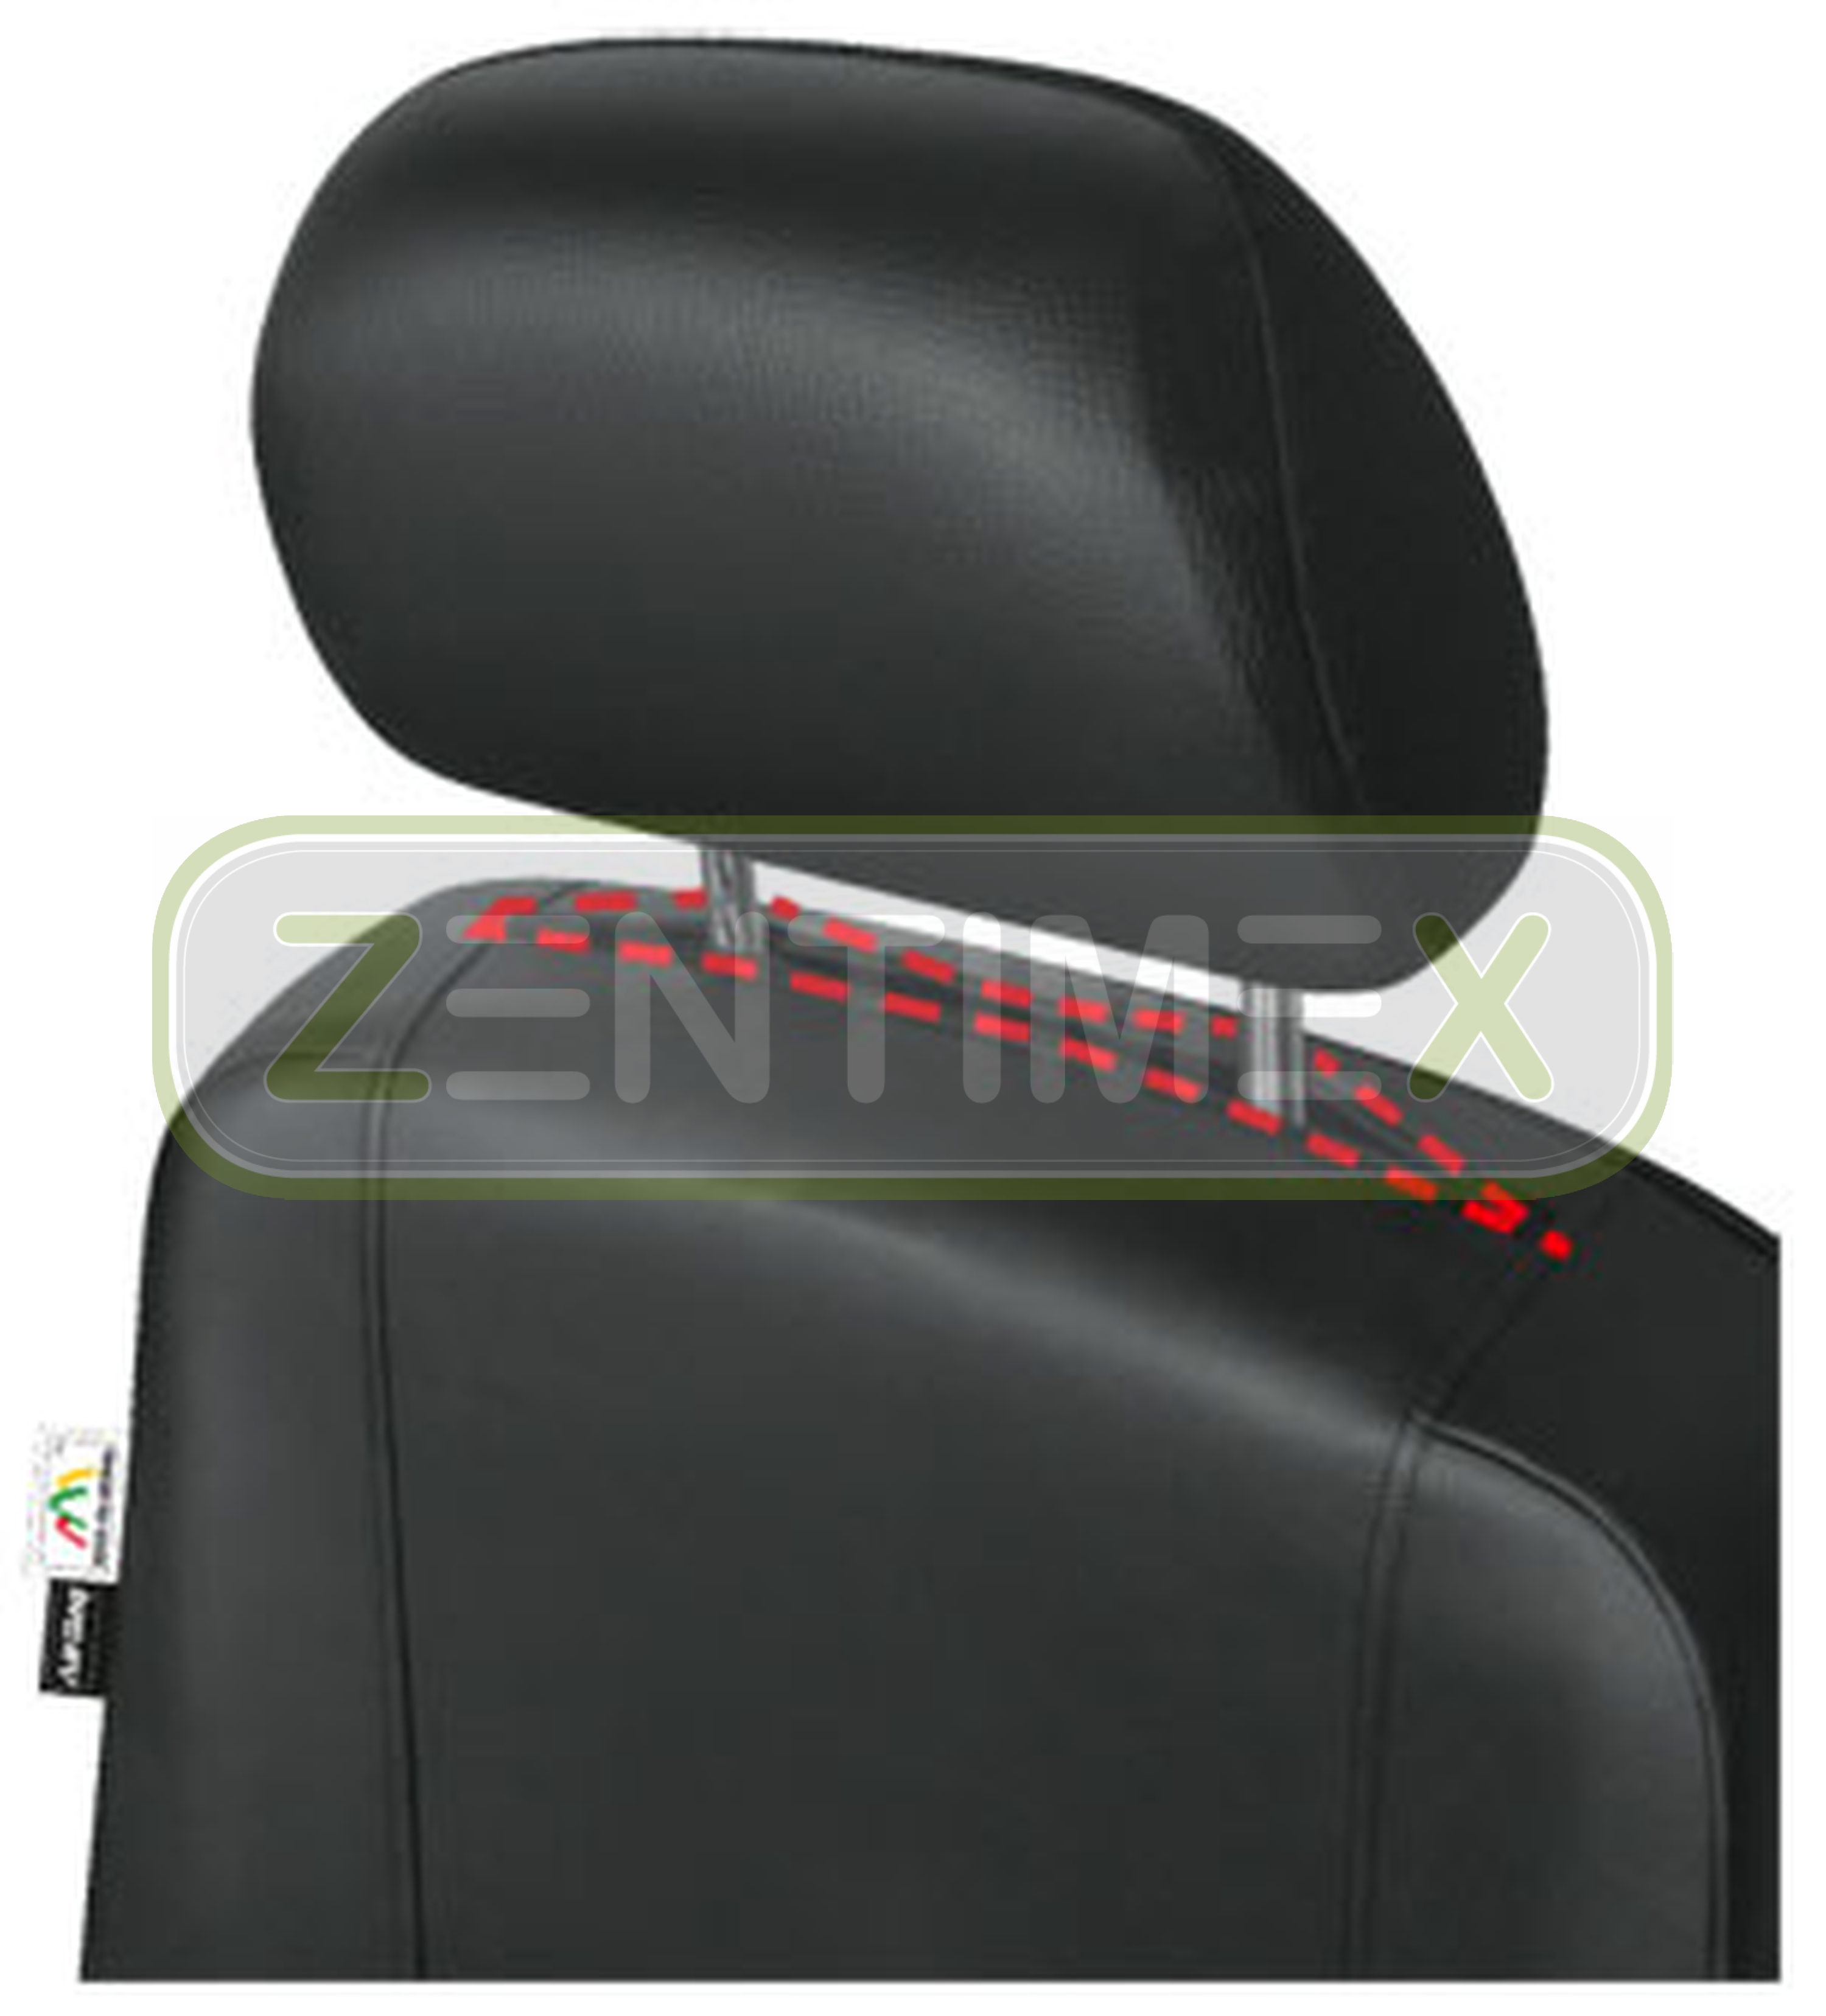 Sitzbezüge Schonbezüge SET QL Peugeot Expert Kunstleder schwarz